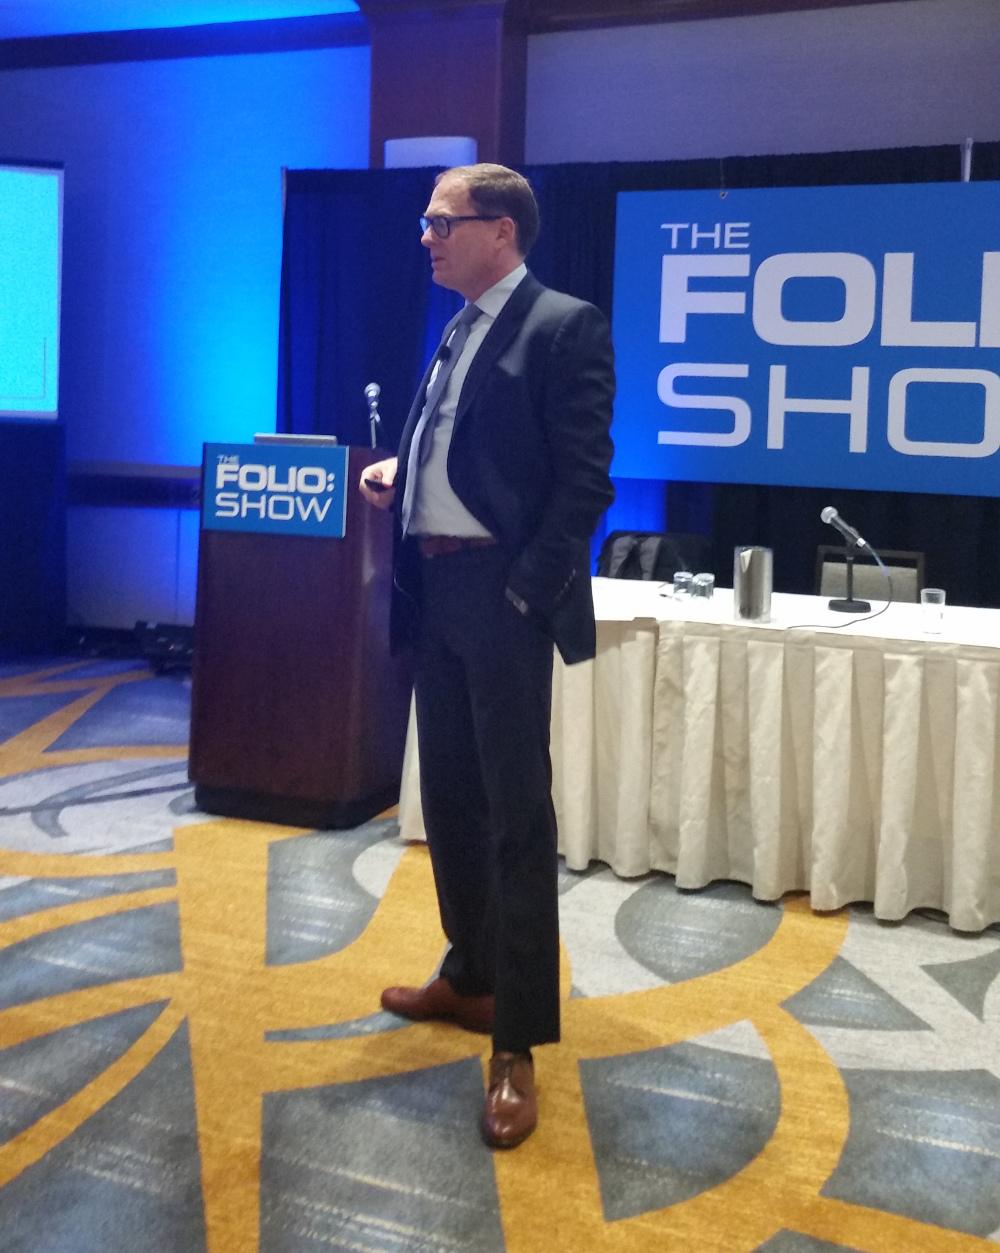 Folio C-Summit